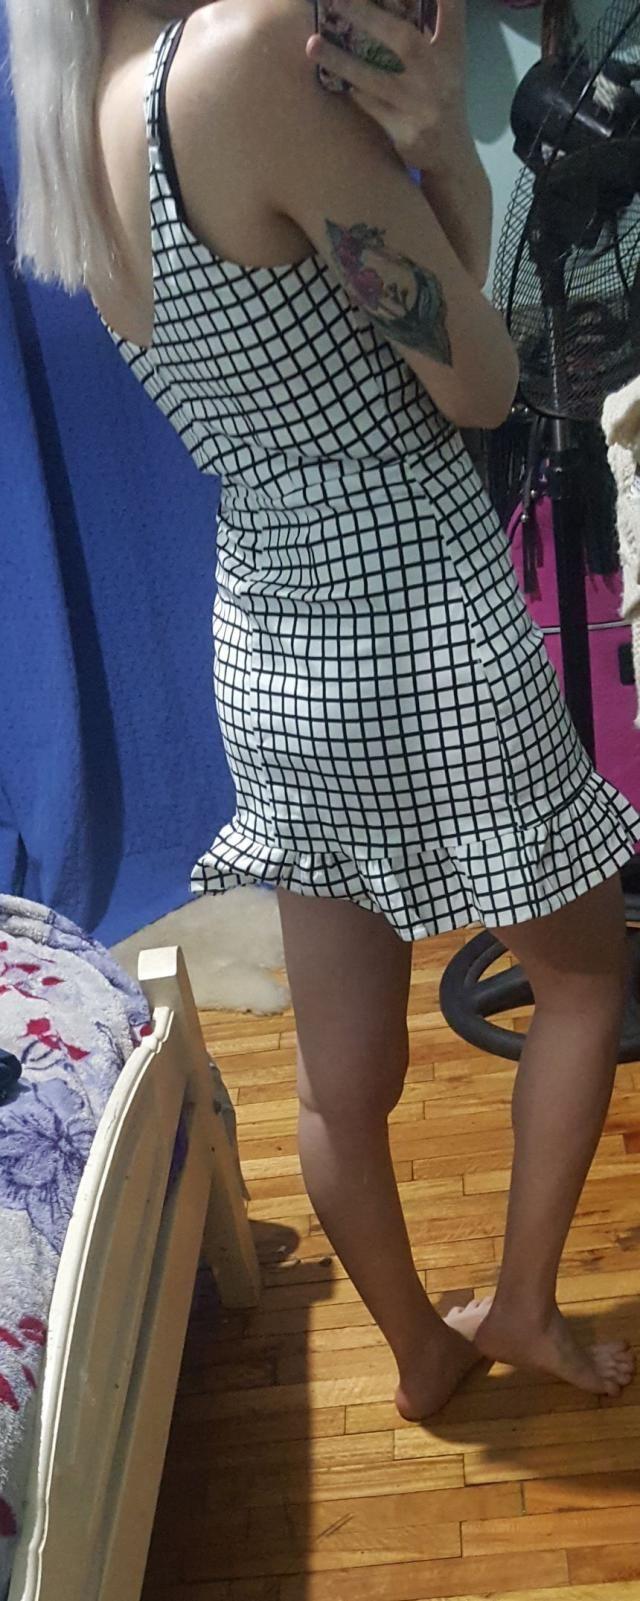 la tela le da mucha estructura al vestido. mido 1.62, peso 51 kilos, y la talla s me quedo genial, más que conforme!  S…